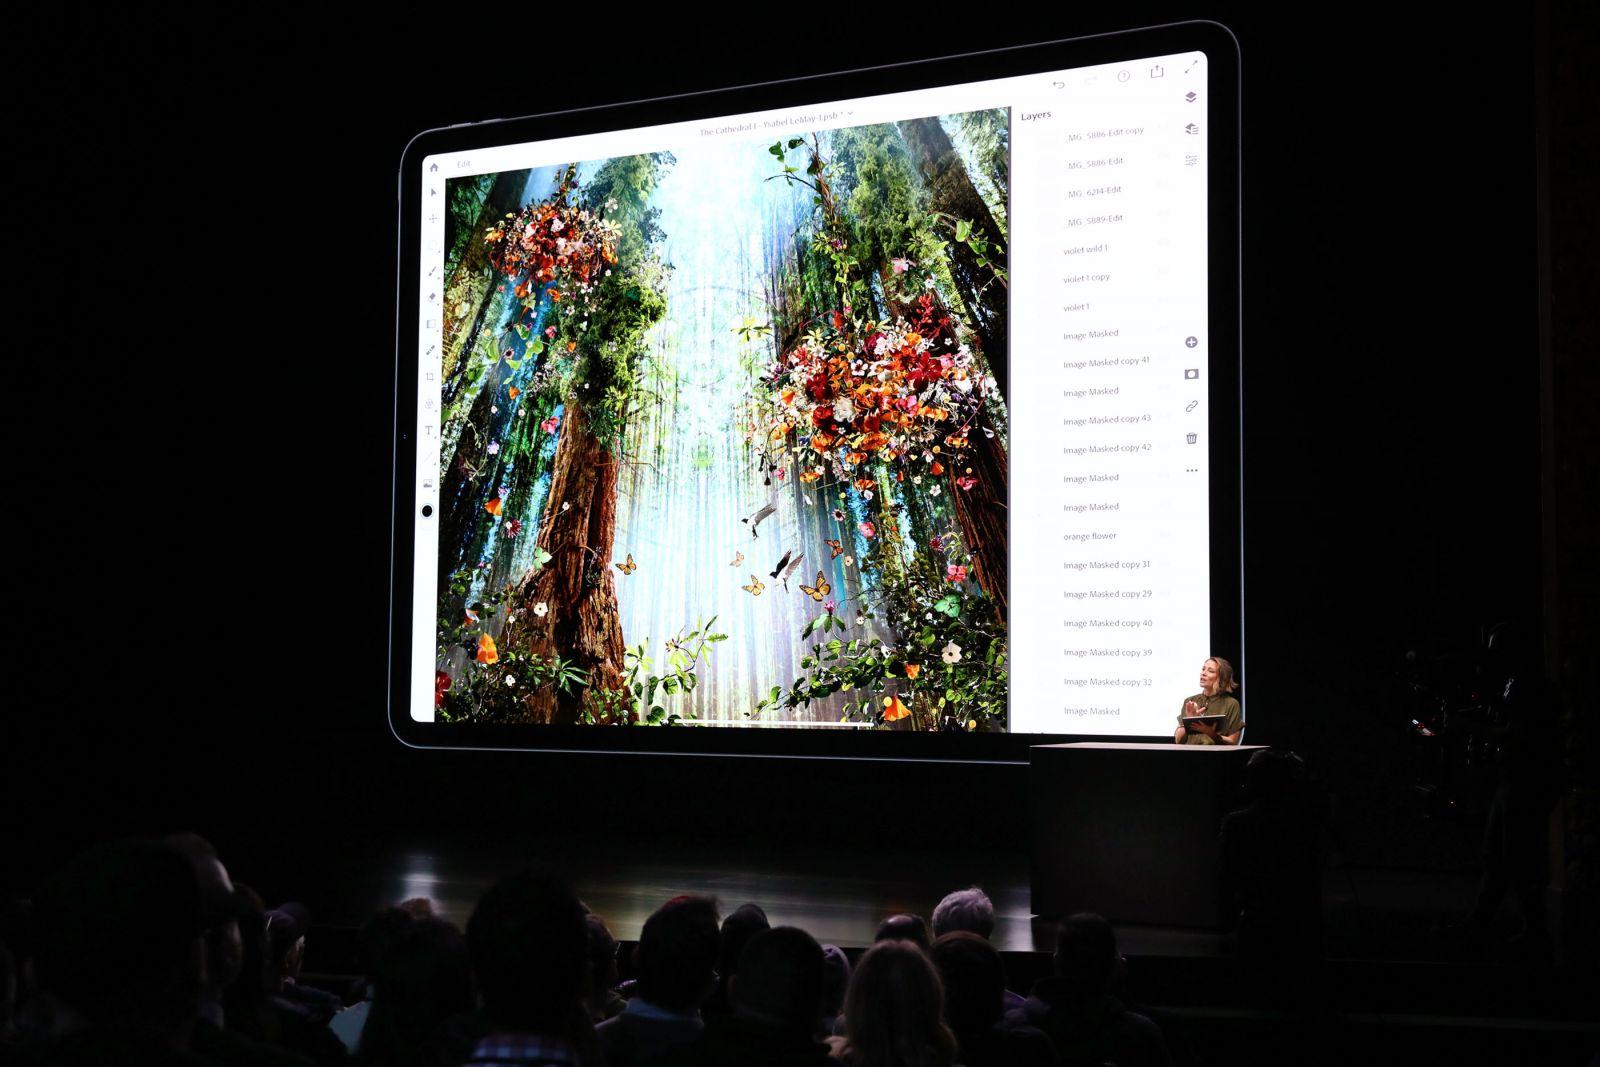 即睇蘋果升級產品懶人包